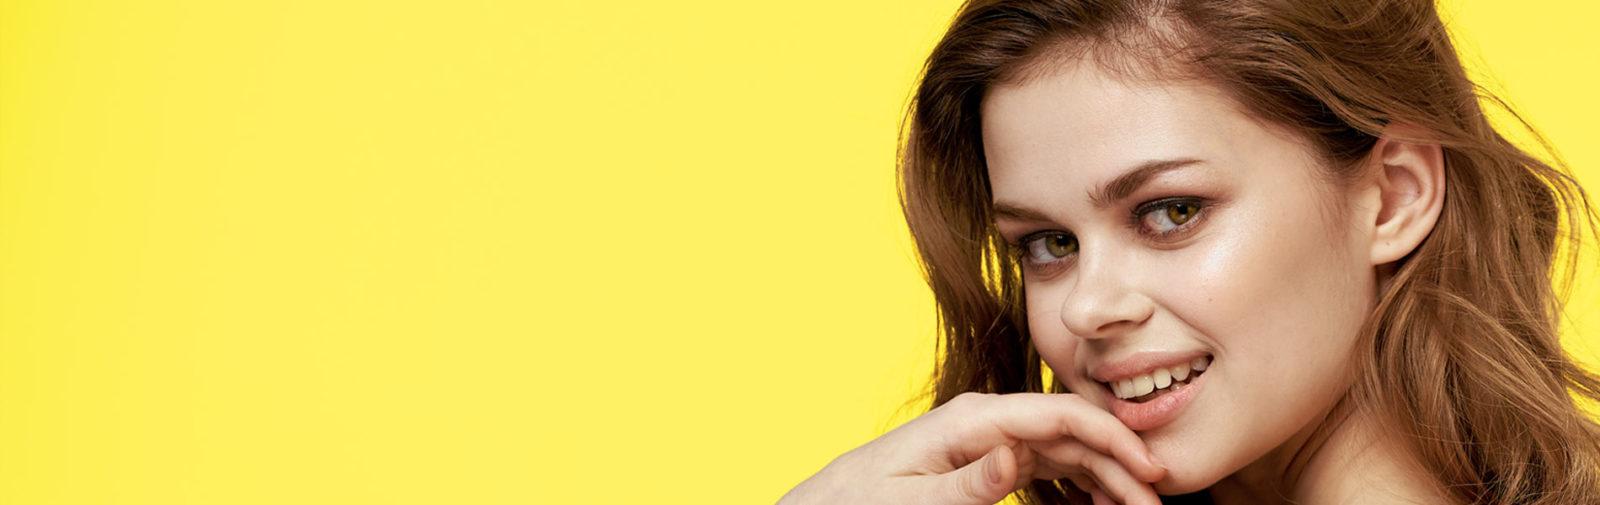 Get Cara Delevingne's Look for Summer